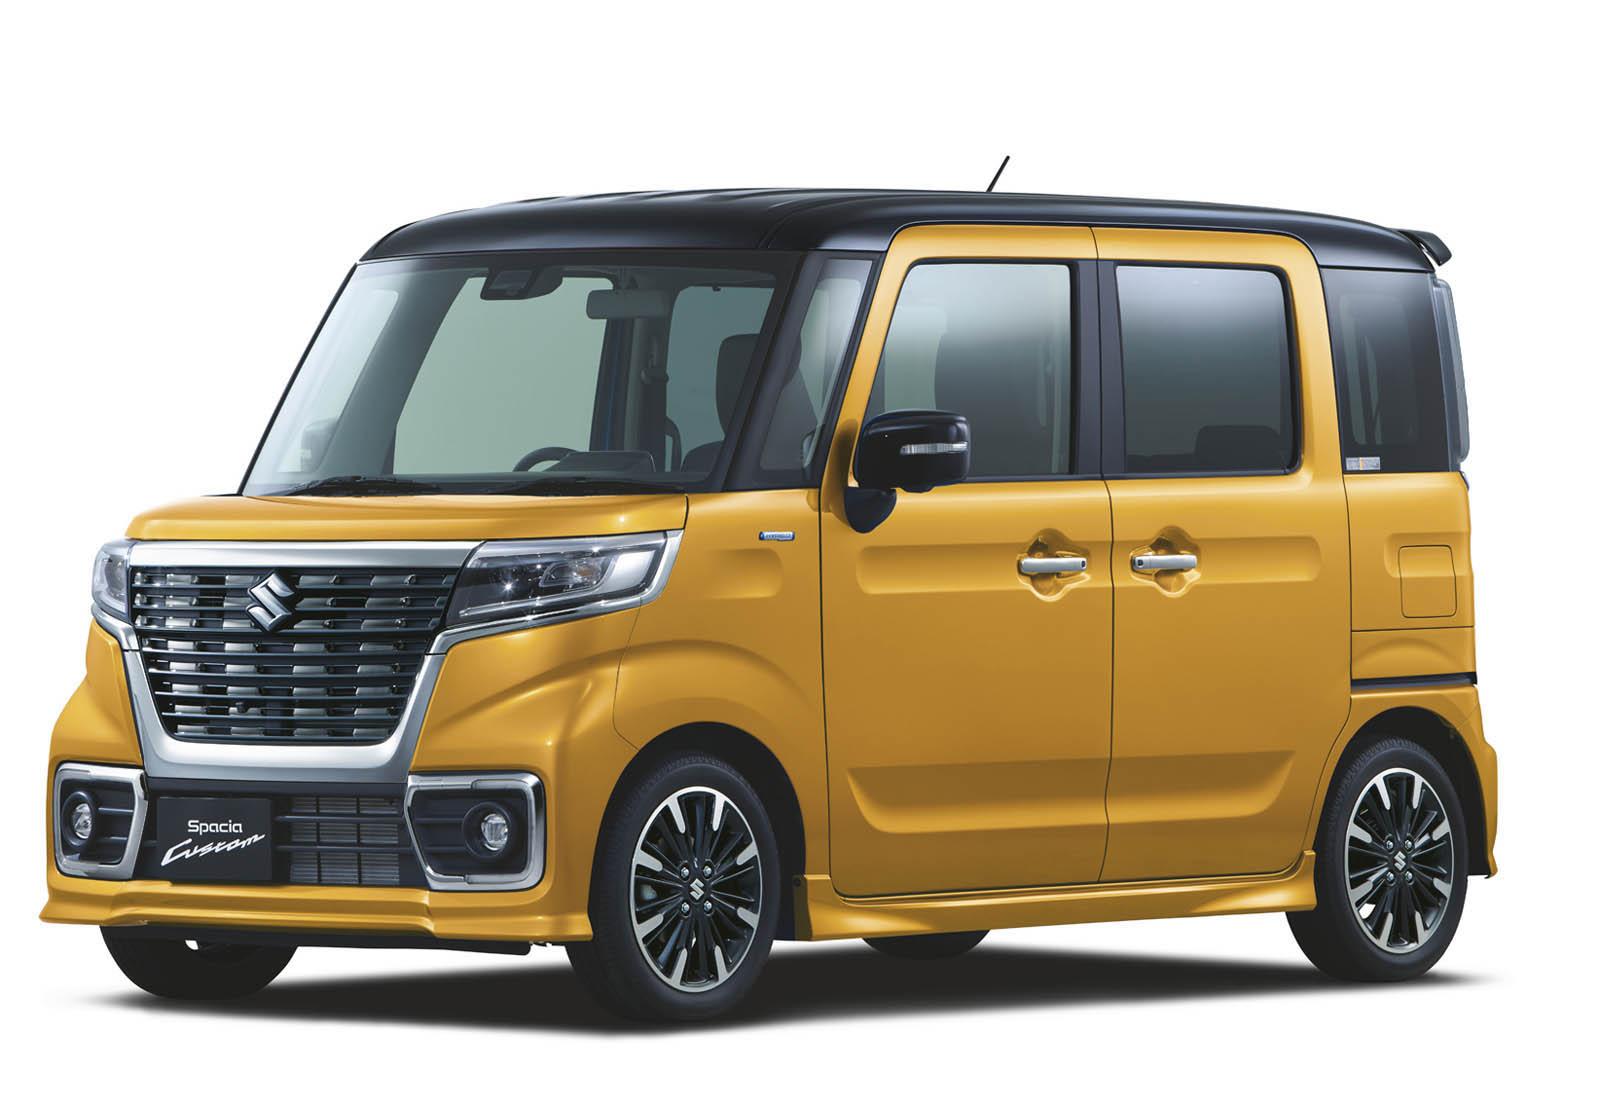 Suzuki Spacia 2018 (22)